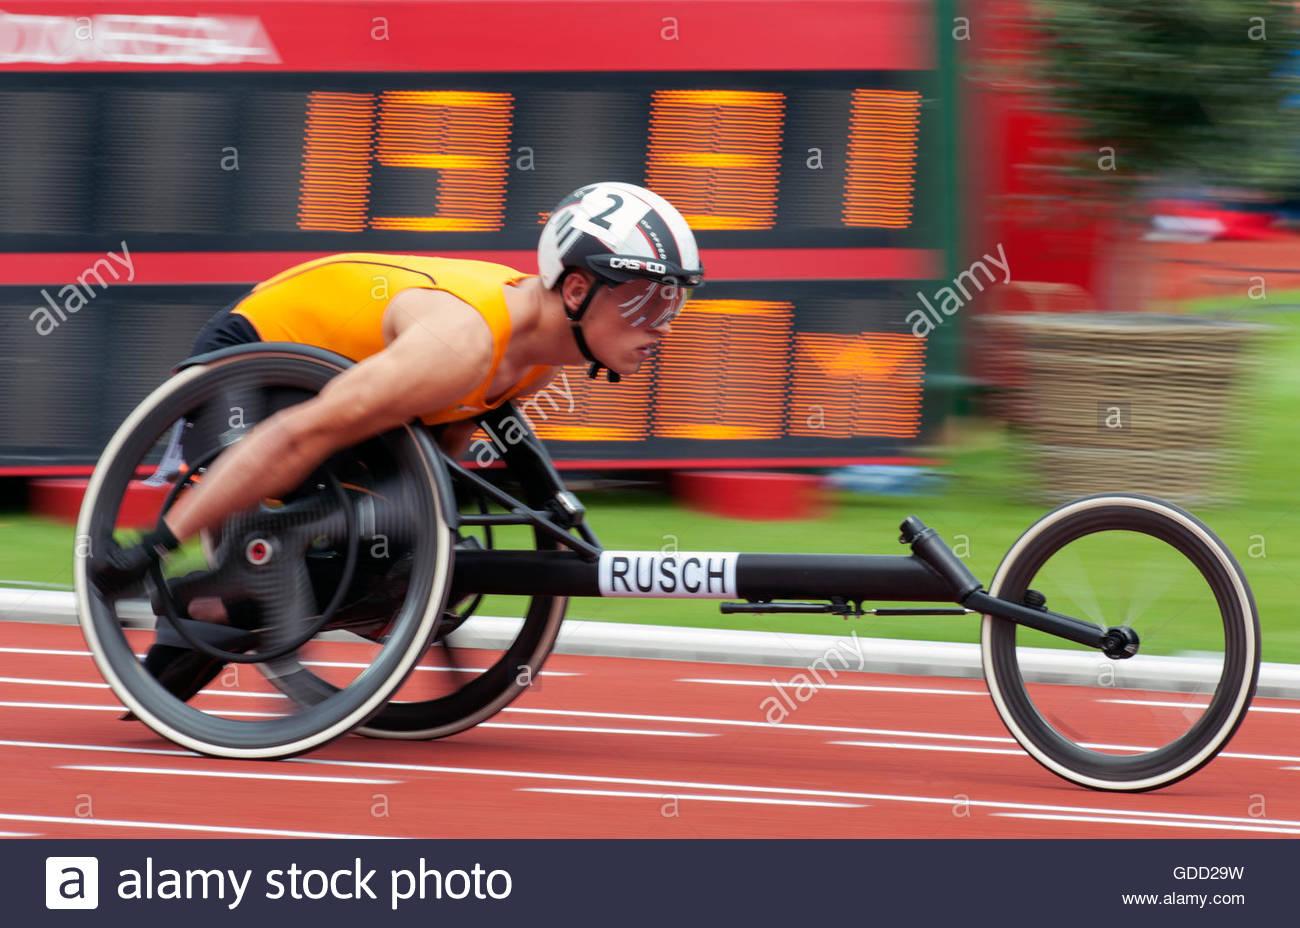 Amsterdam Países Bajos 8 de julio de 2016 Unión de Atletismo en Amsterdam. 100m hombres T34 Stefan Rusch Imagen De Stock